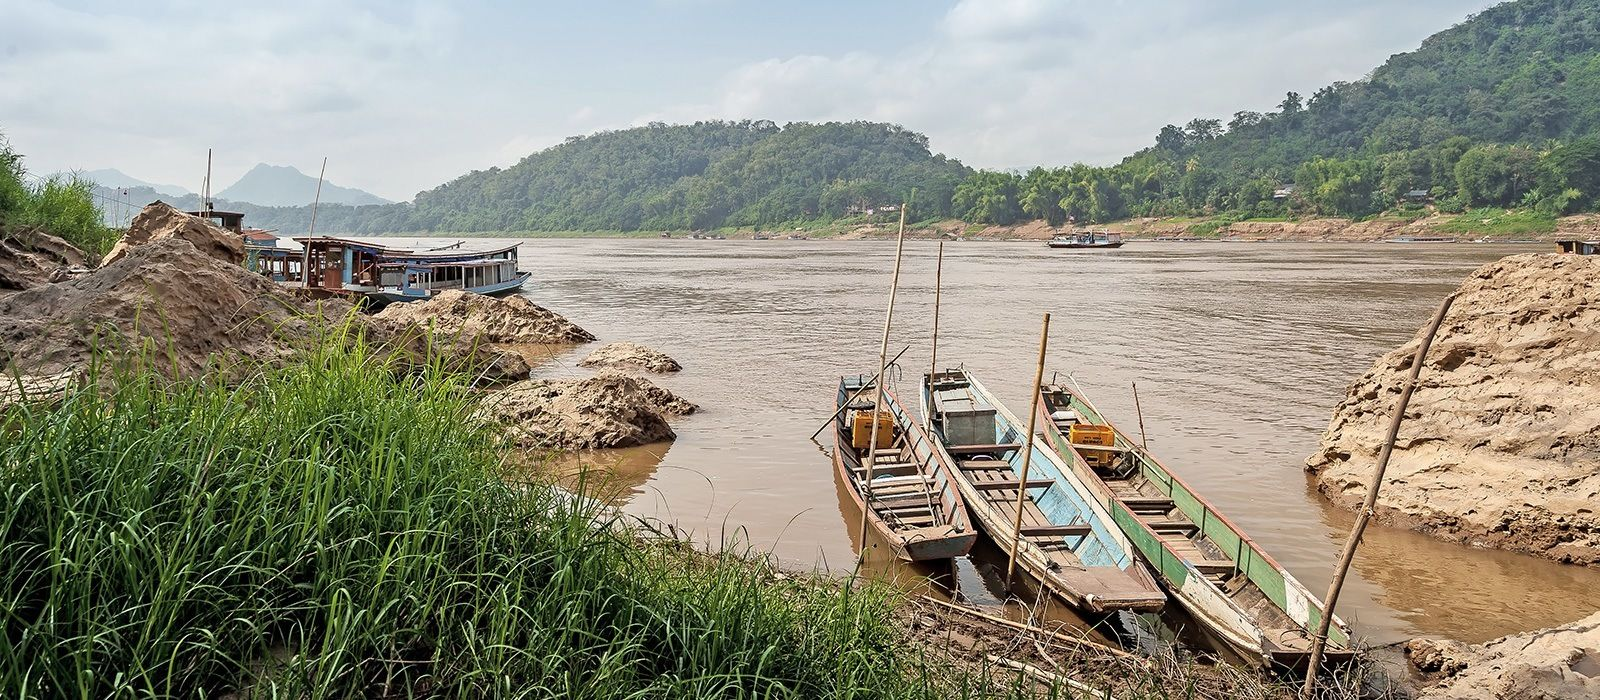 Laos Reise zu Lande und zu Wasser Urlaub 8